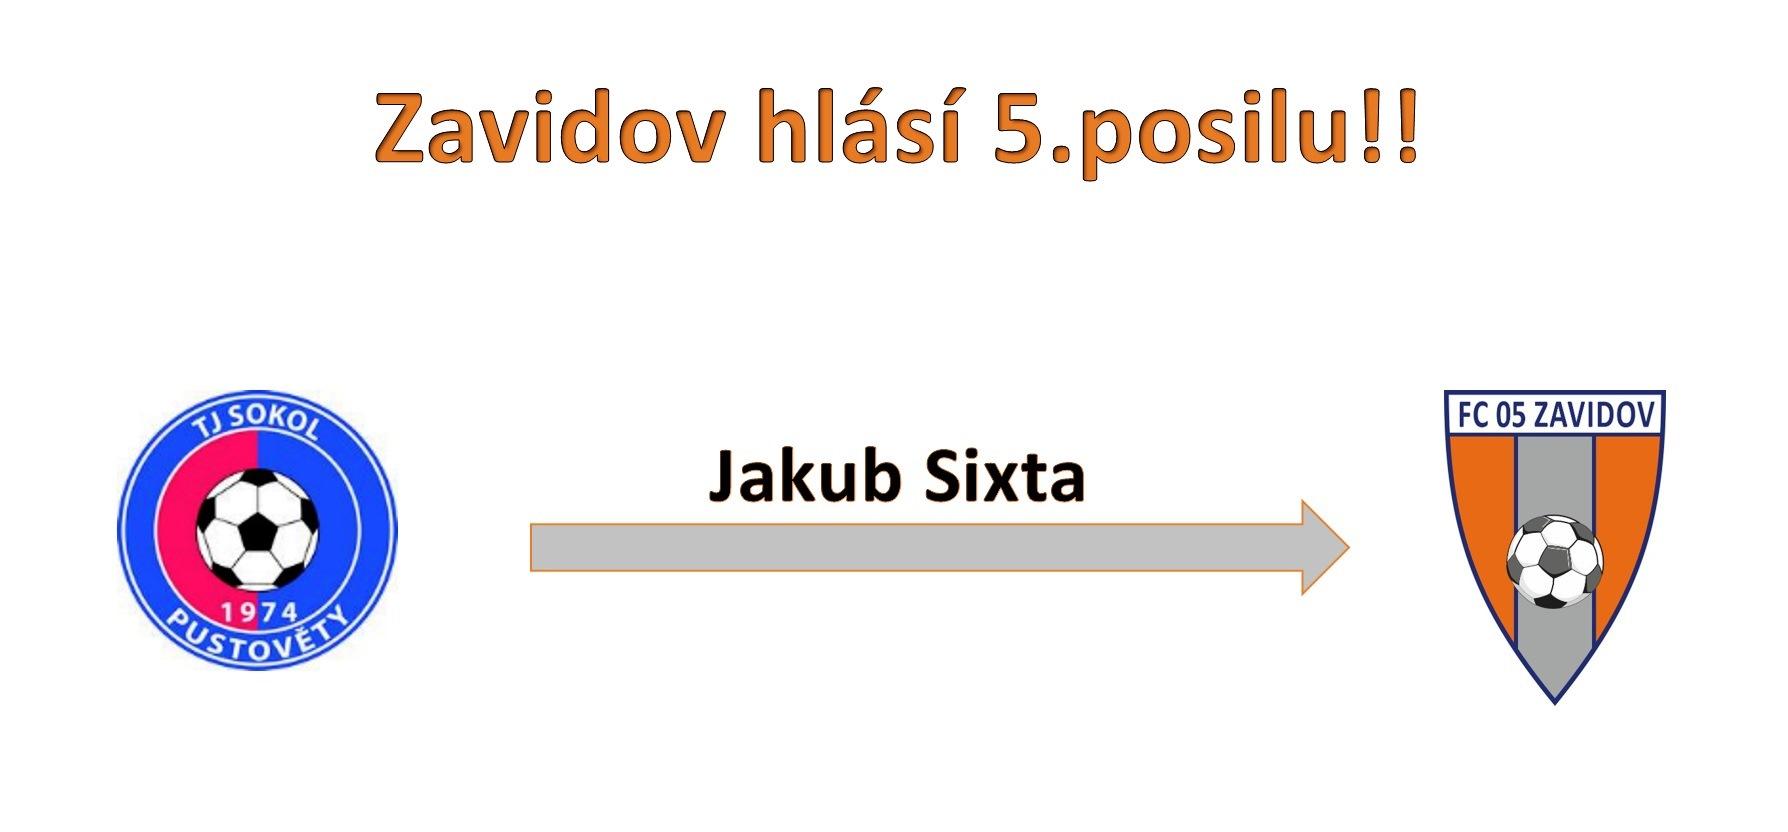 Jakub Sixta další posilou Zavidova